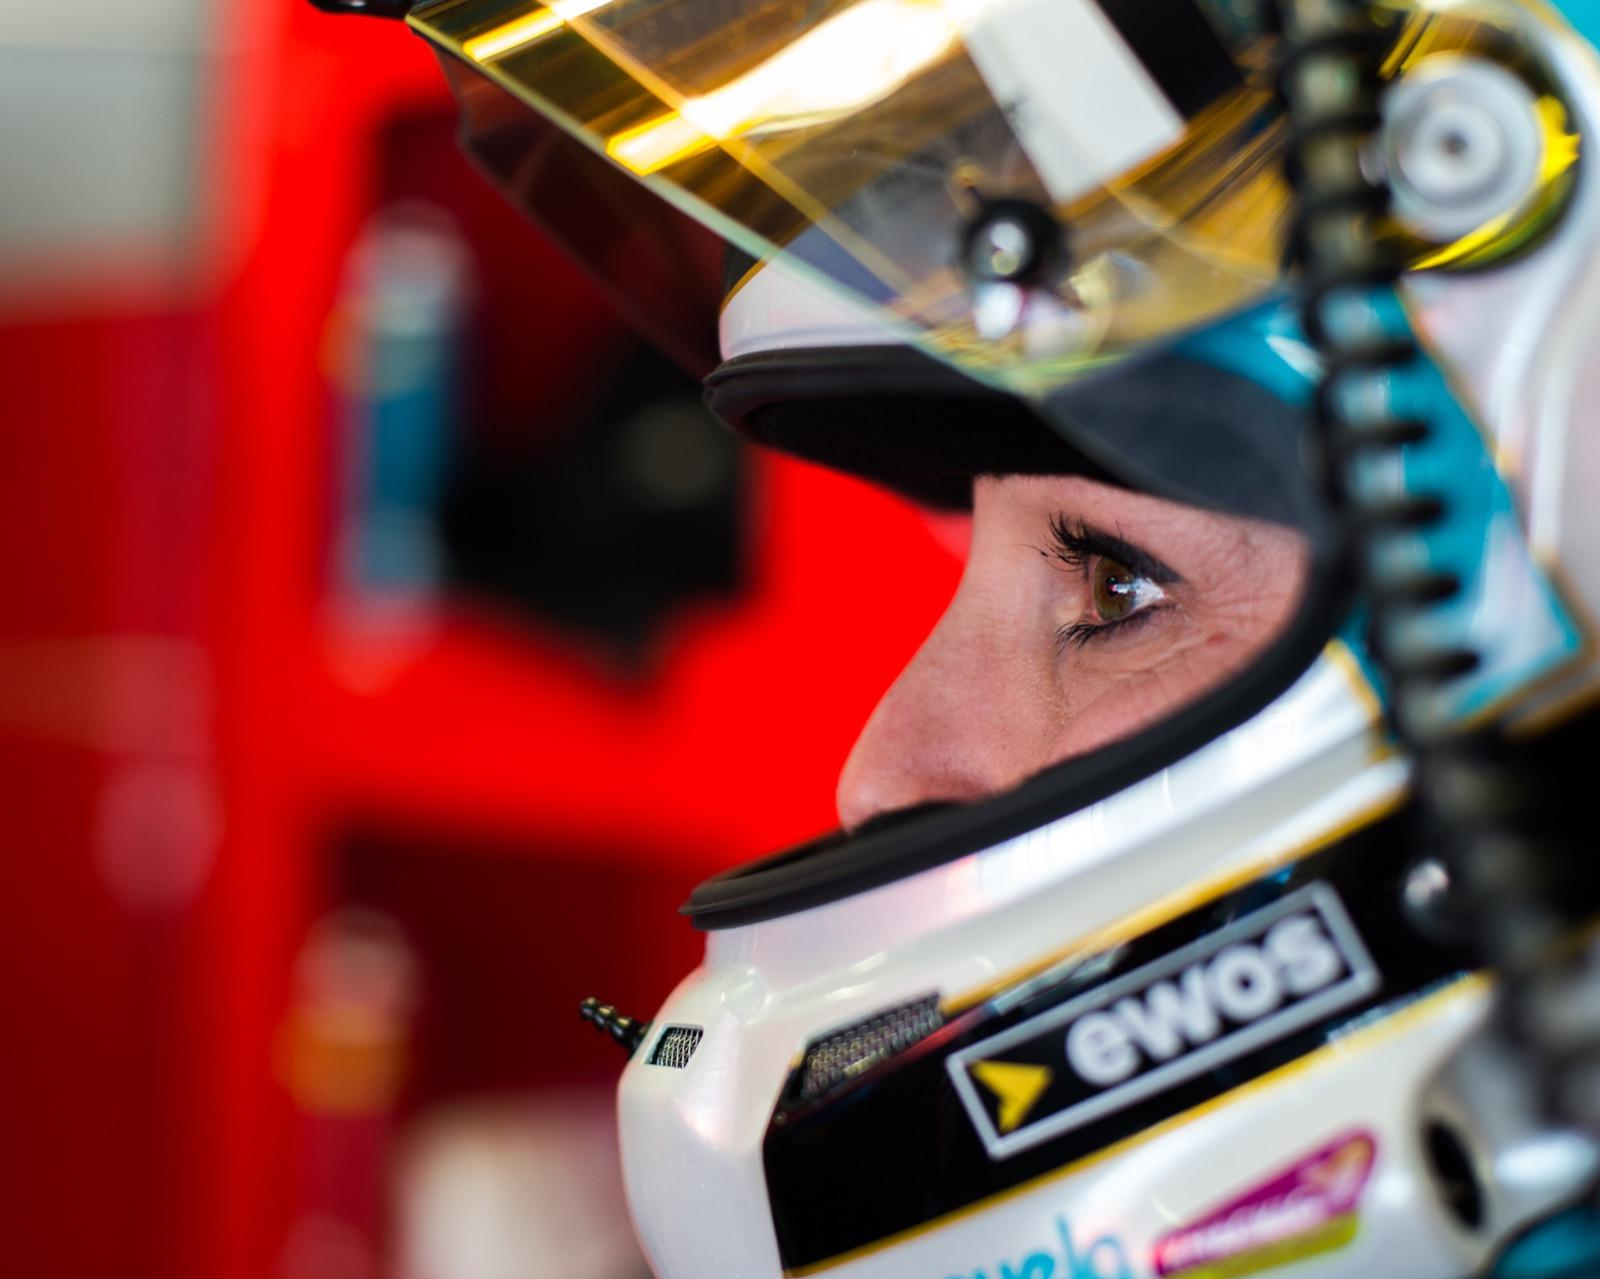 Kessel Racing ha affidato a Manuela Gostner, Rahel Frey e Michelle Gatting una 488 GTE e nelle weekend saranno impegnate a Monza nella 4 Ore dell'Euro...